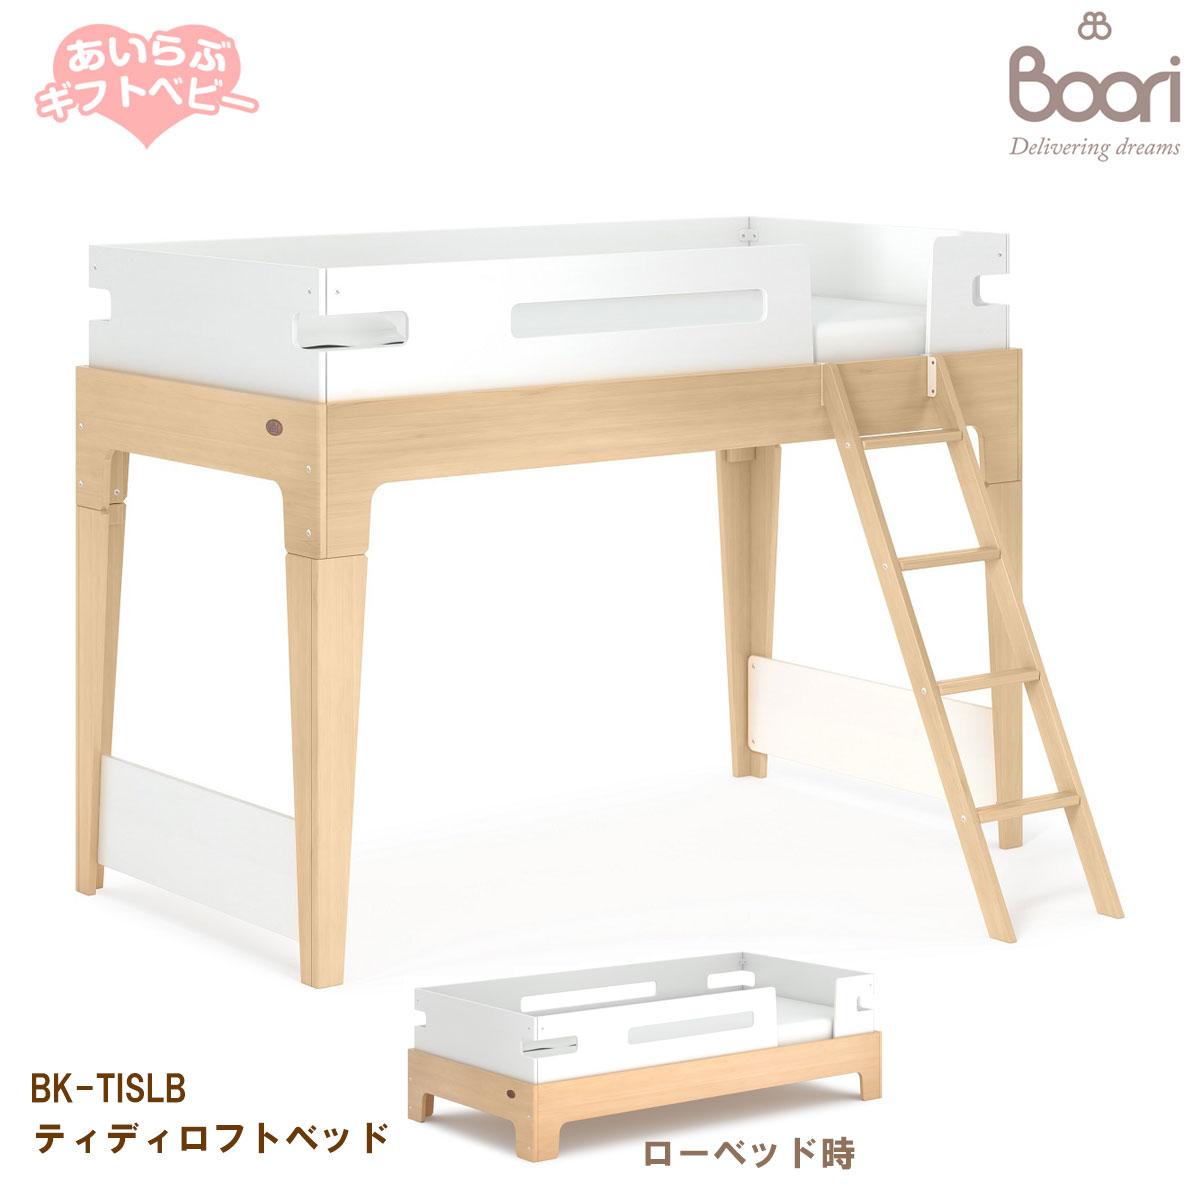 【送料無料】BOORI ブーリ ティディロフトベッド(Tidy Loft Bed) BK-TILSB/赤ちゃん キッズベッド ローベッドにも★